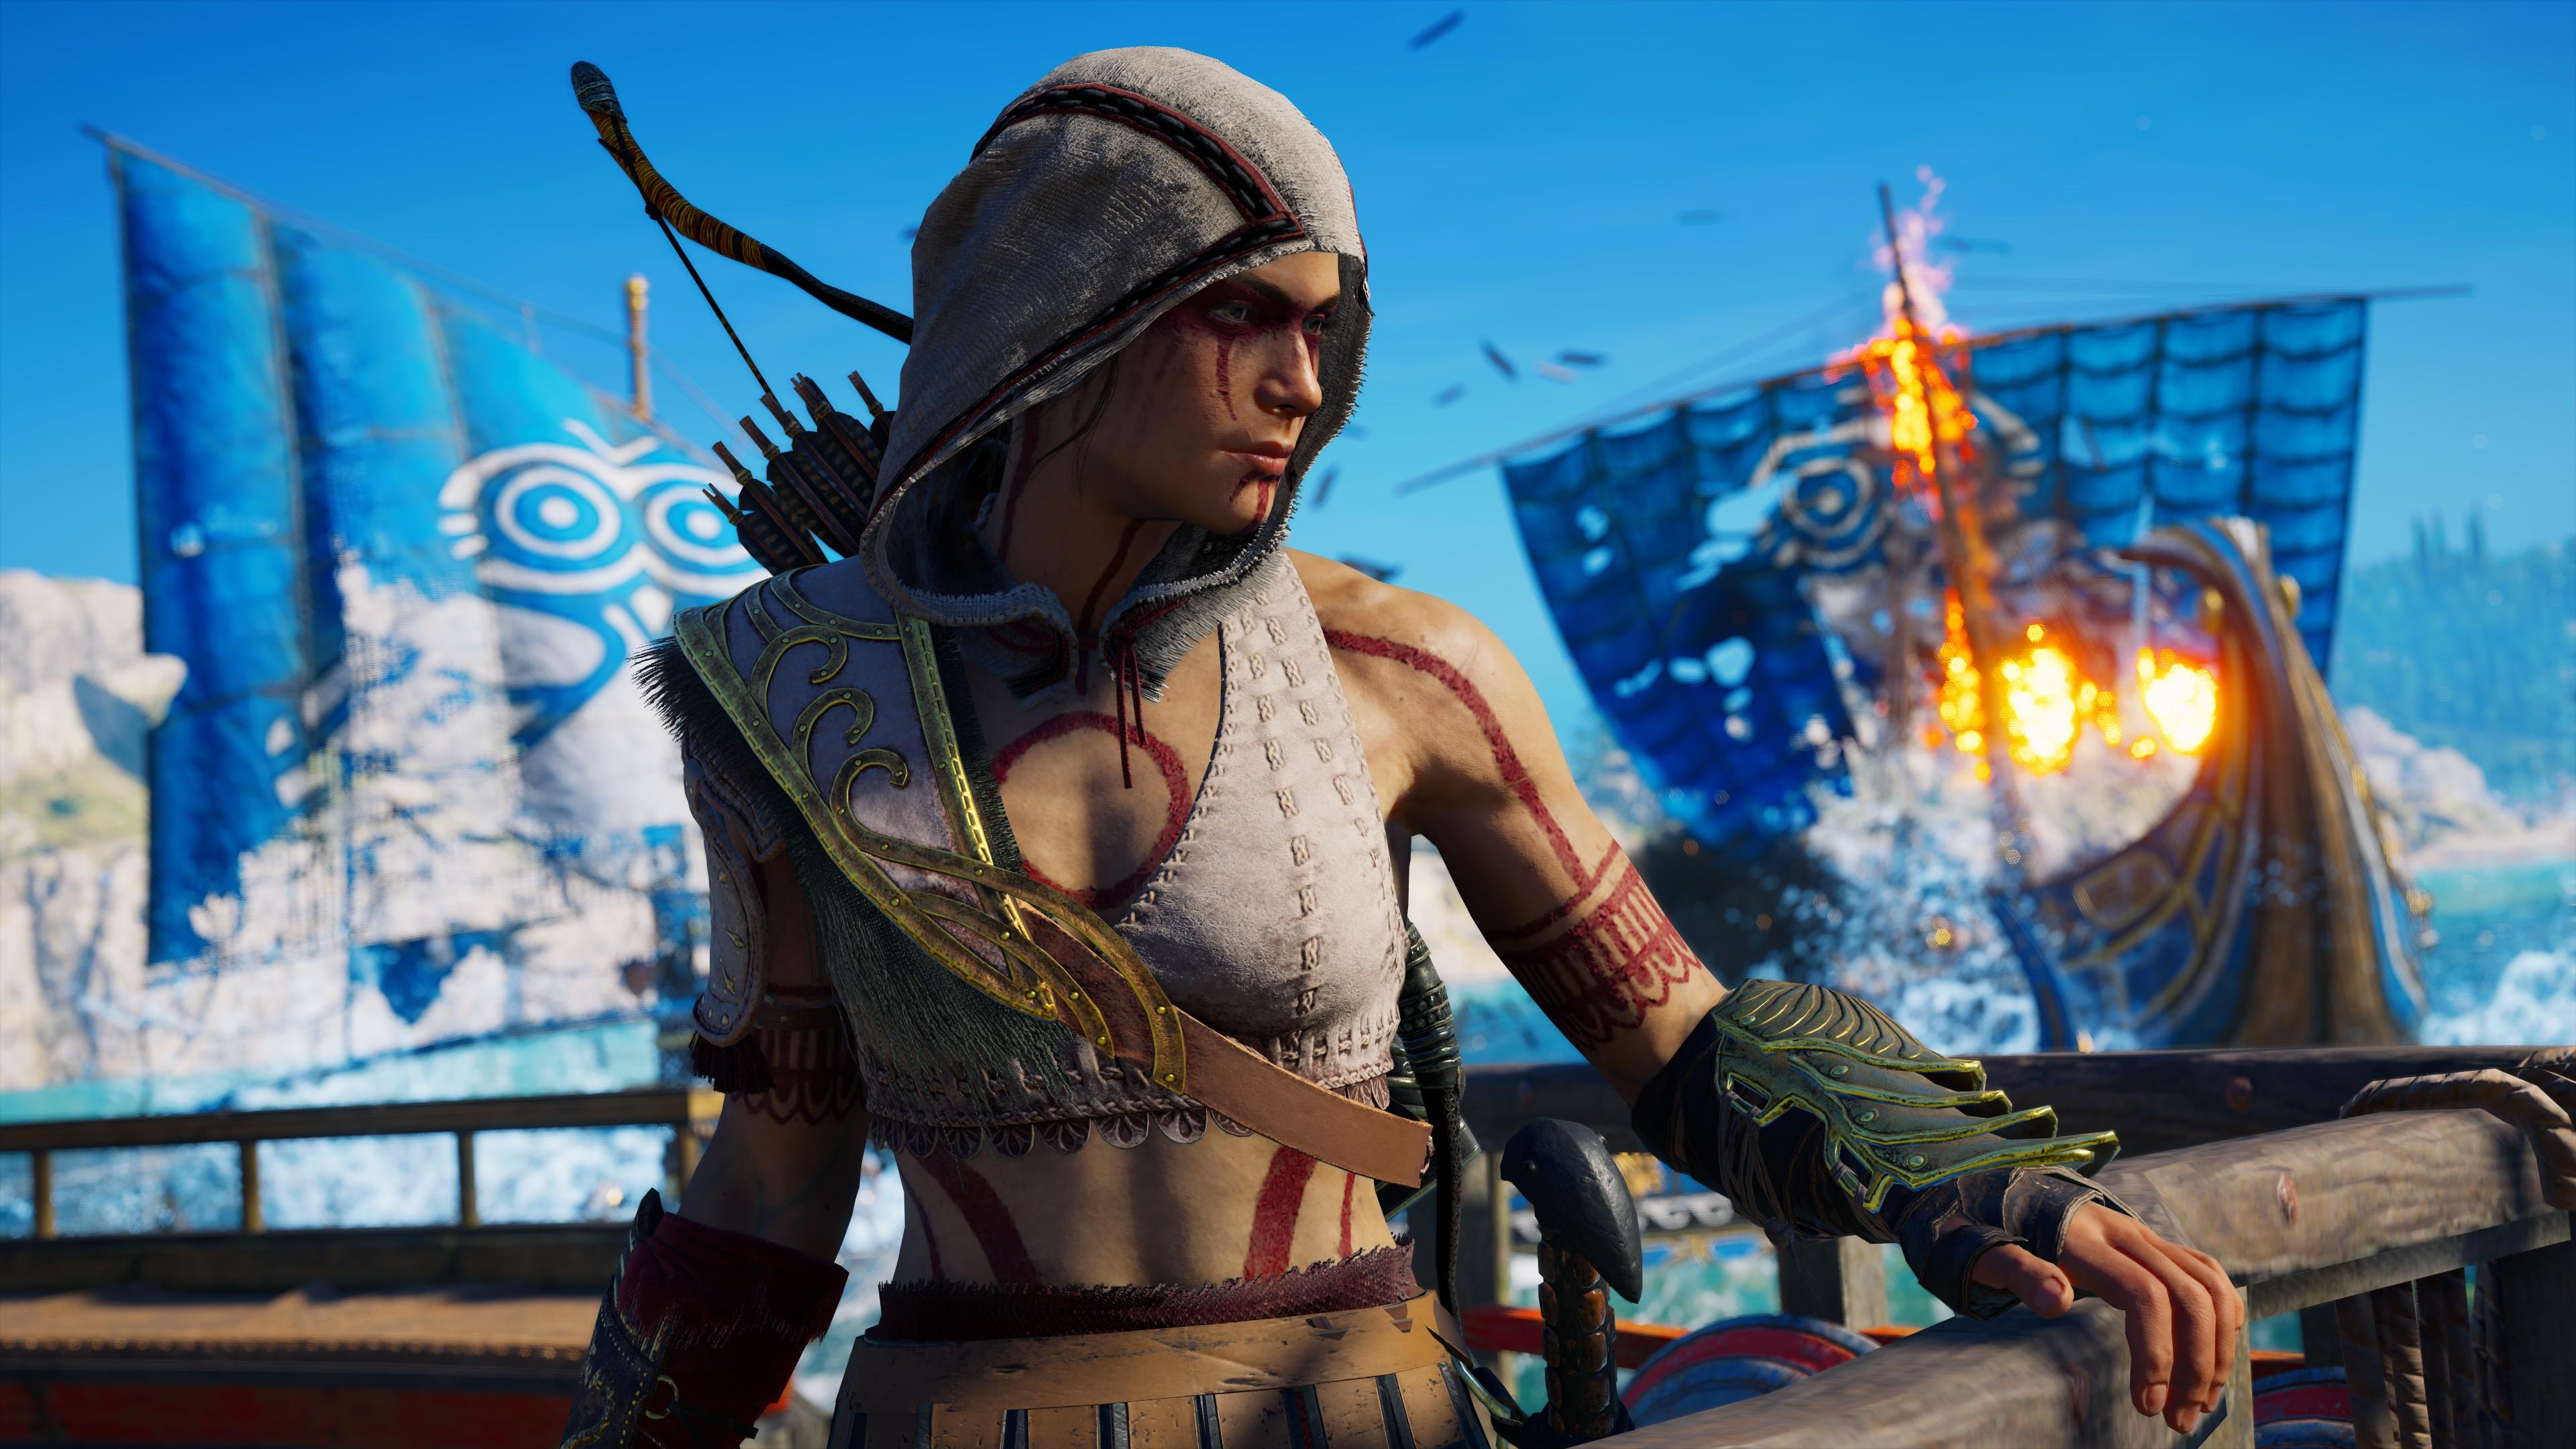 Новая Assassins Creed станет игрой-сервисом в духе Fortnite и GTA Online